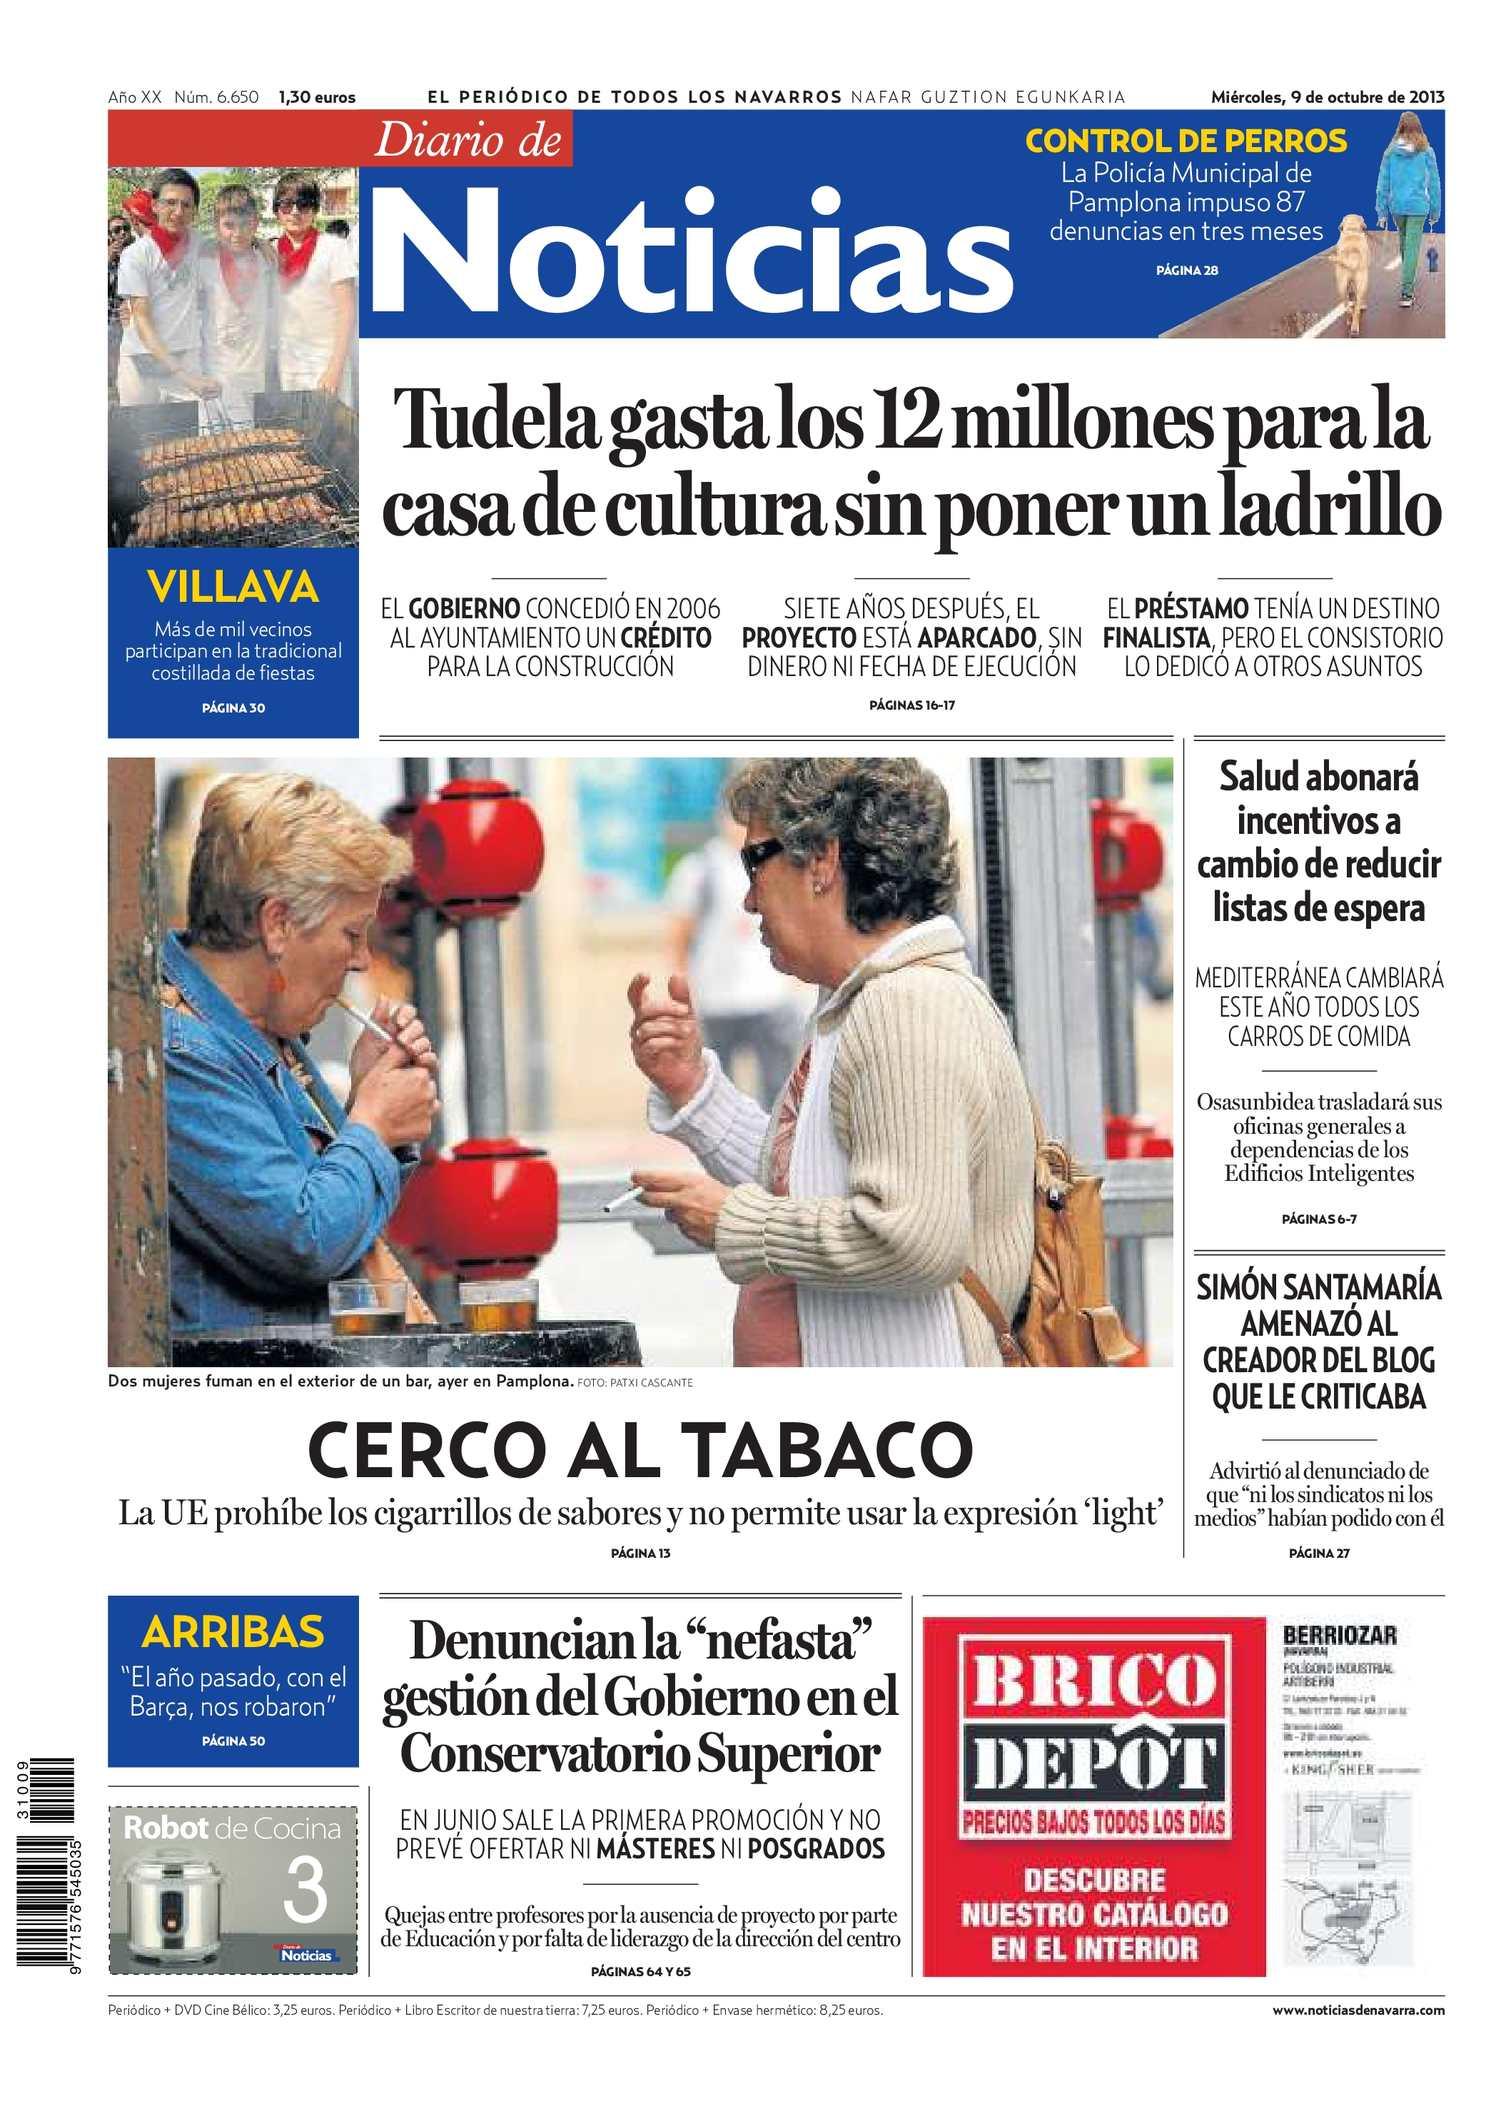 e5534f2688c Calaméo - Diario de Noticias 20131009